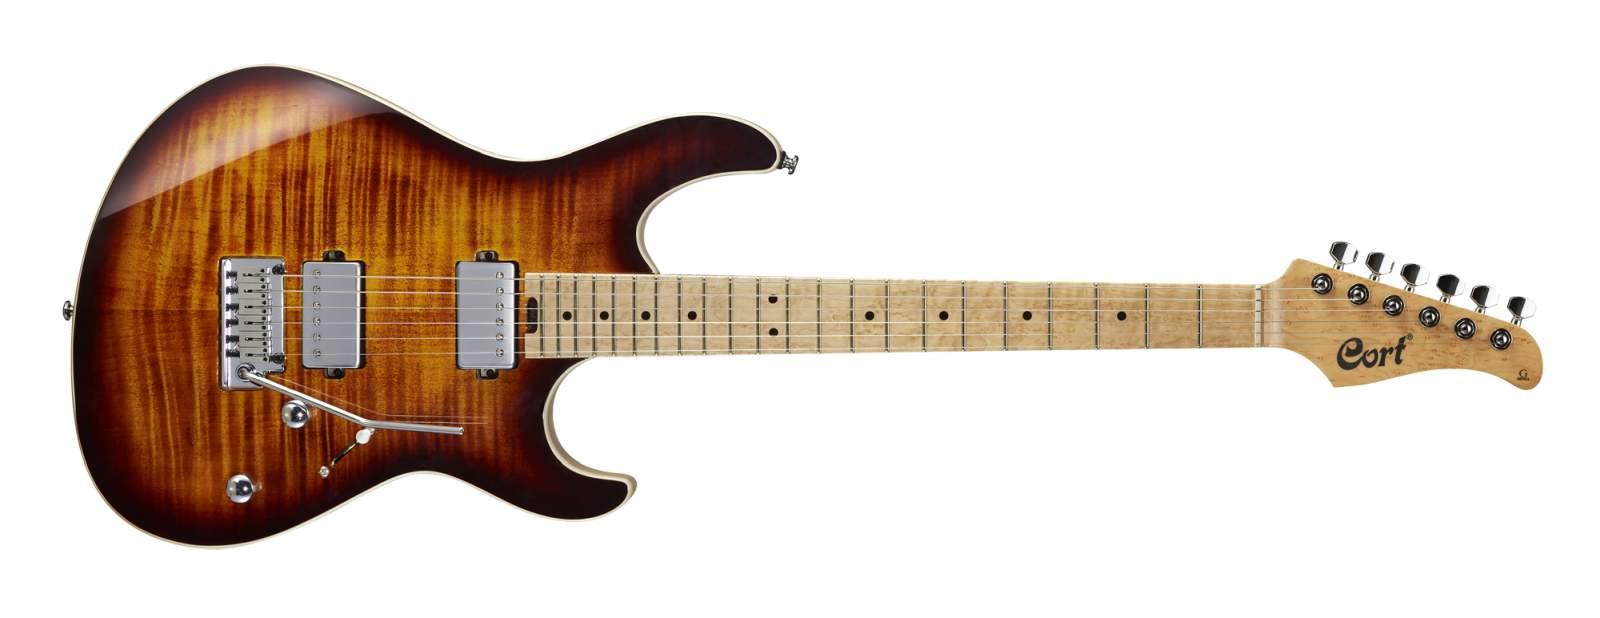 Cort G290 FAT E-Gitarre AVB